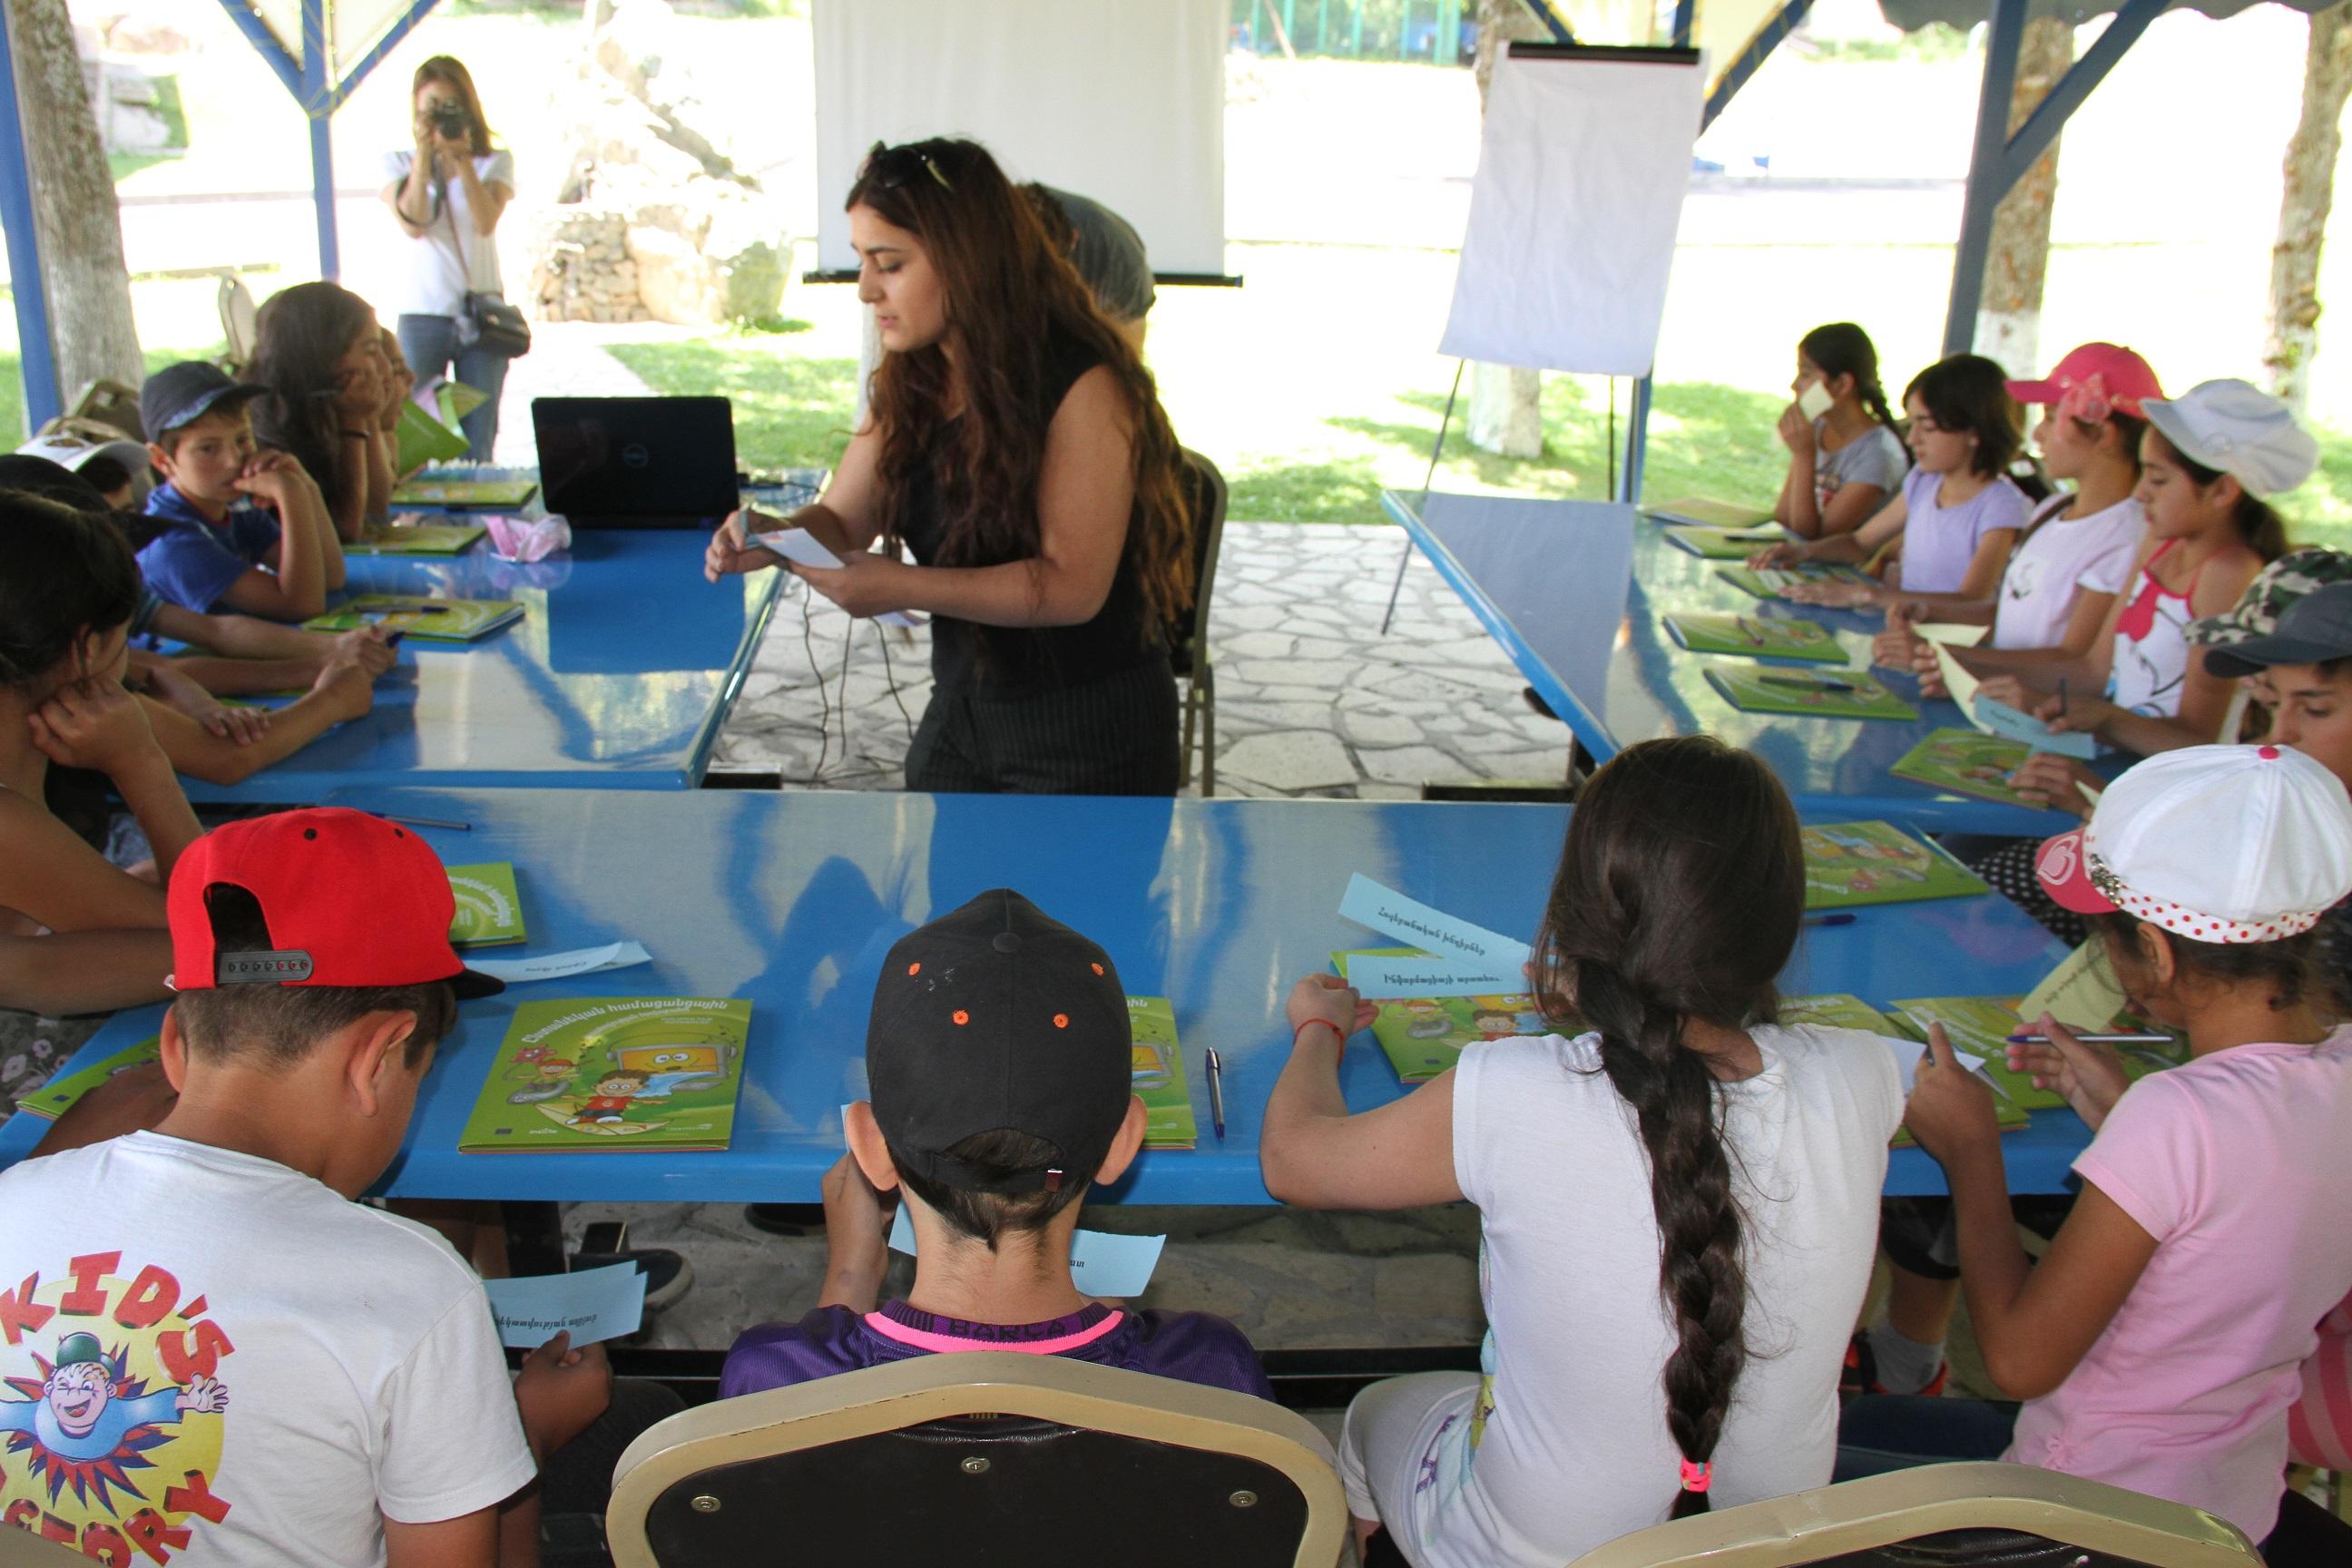 Beeline. «Անվտանգ համացանց» կրթական դասընթացներ ամառային ճամբարներում